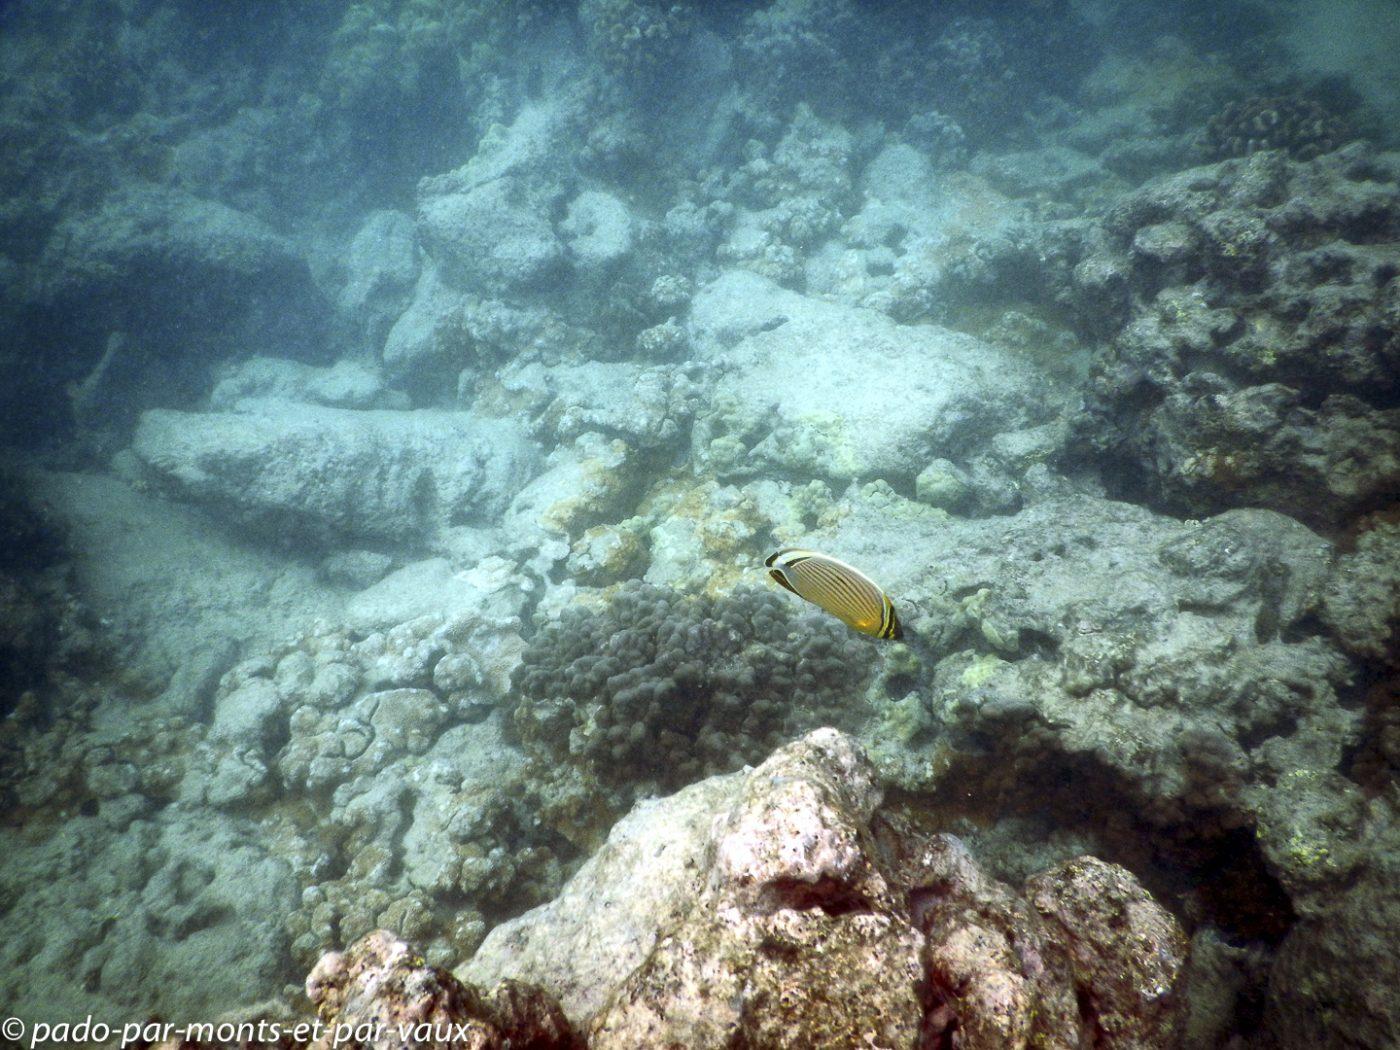 Maui -  Ahihi kina'u reserve - poisson papillon côtelé du Pacifique